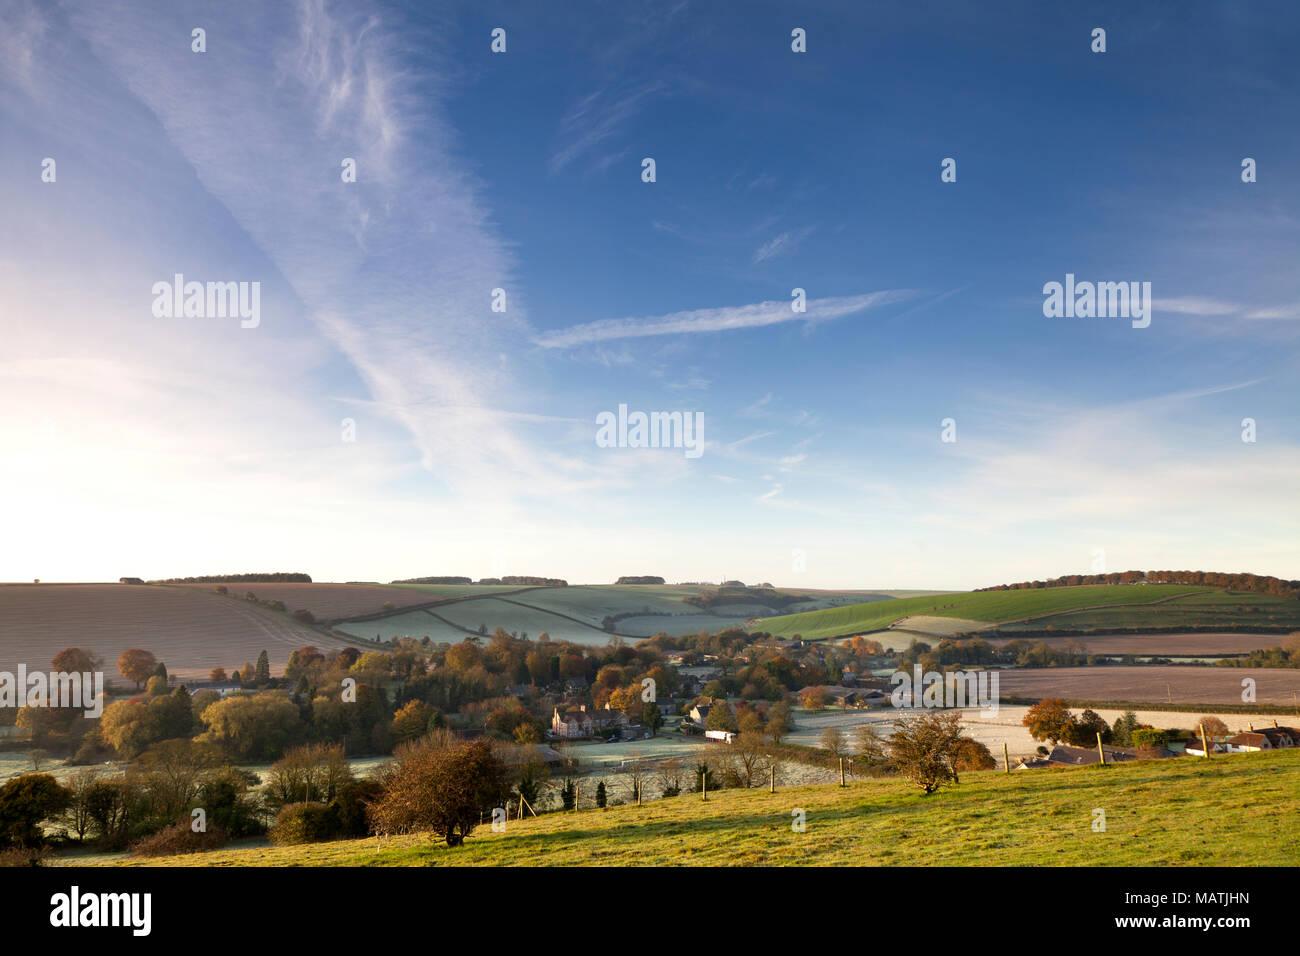 Village Kitchen Stockfotos & Village Kitchen Bilder - Alamy